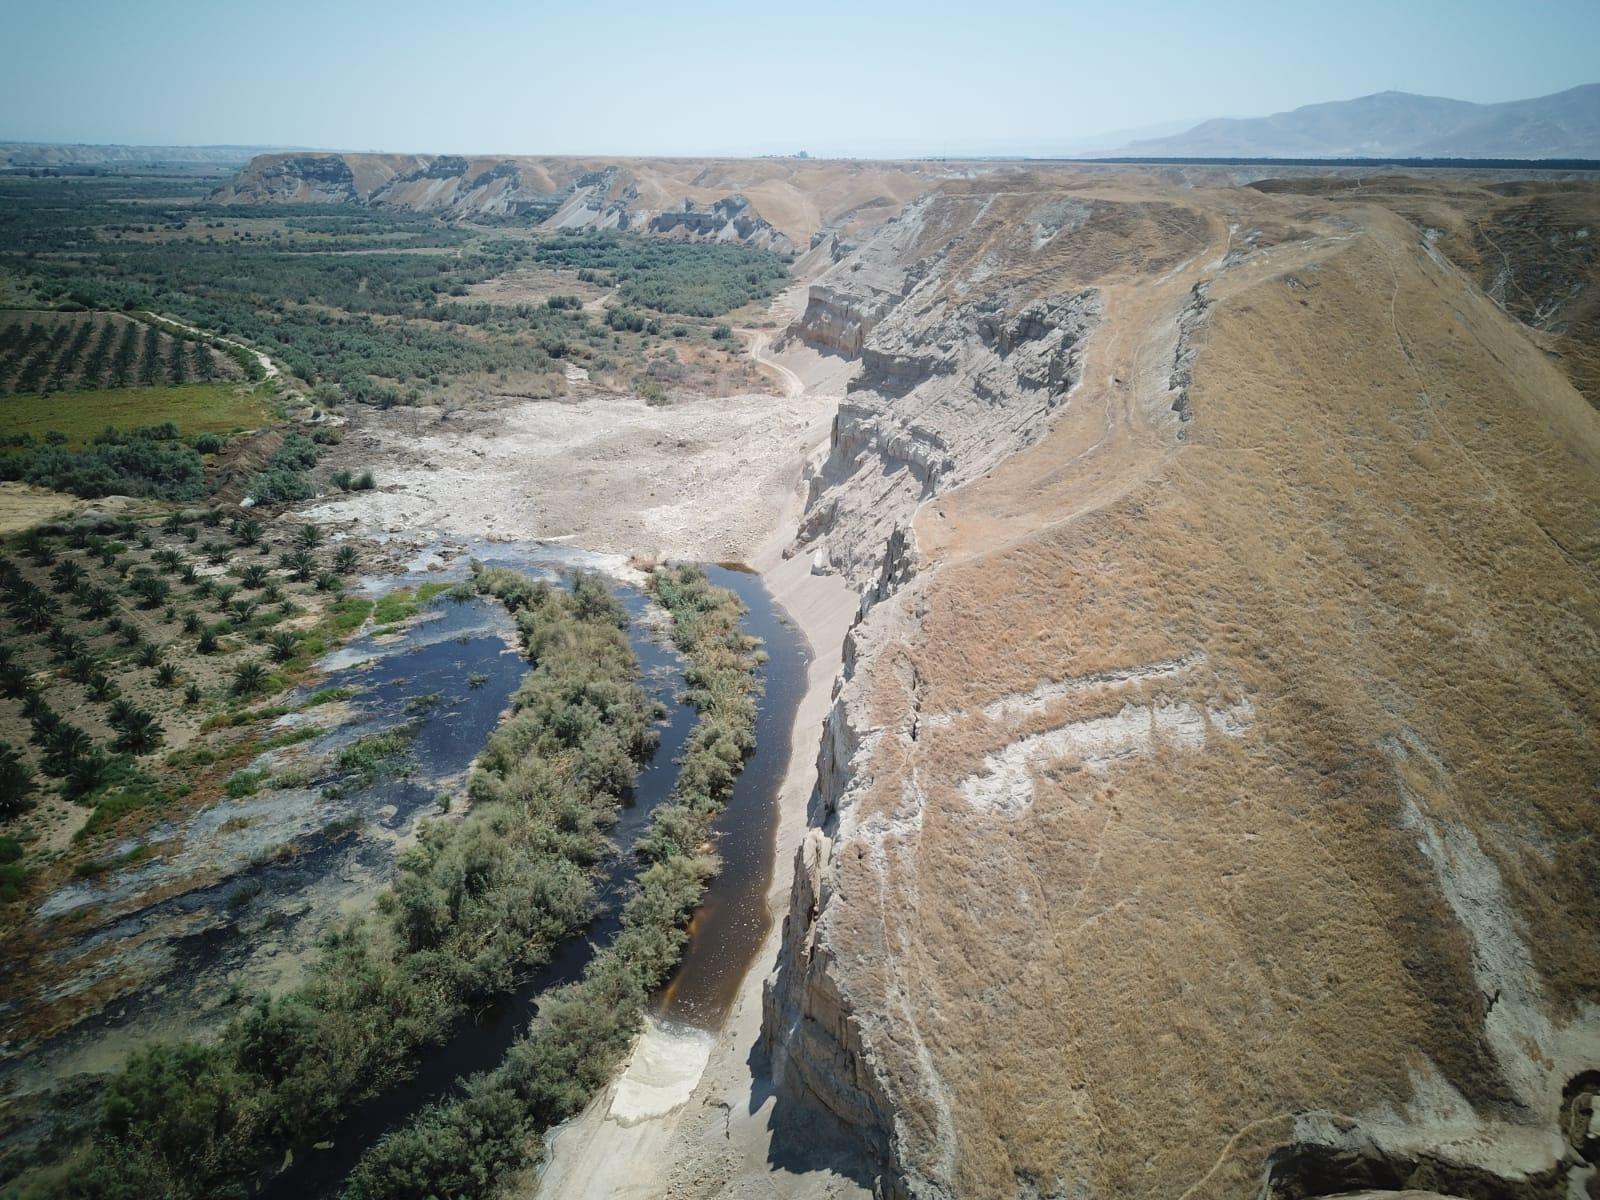 נהר הירדן – מעבר פיזי ומטאפיזי